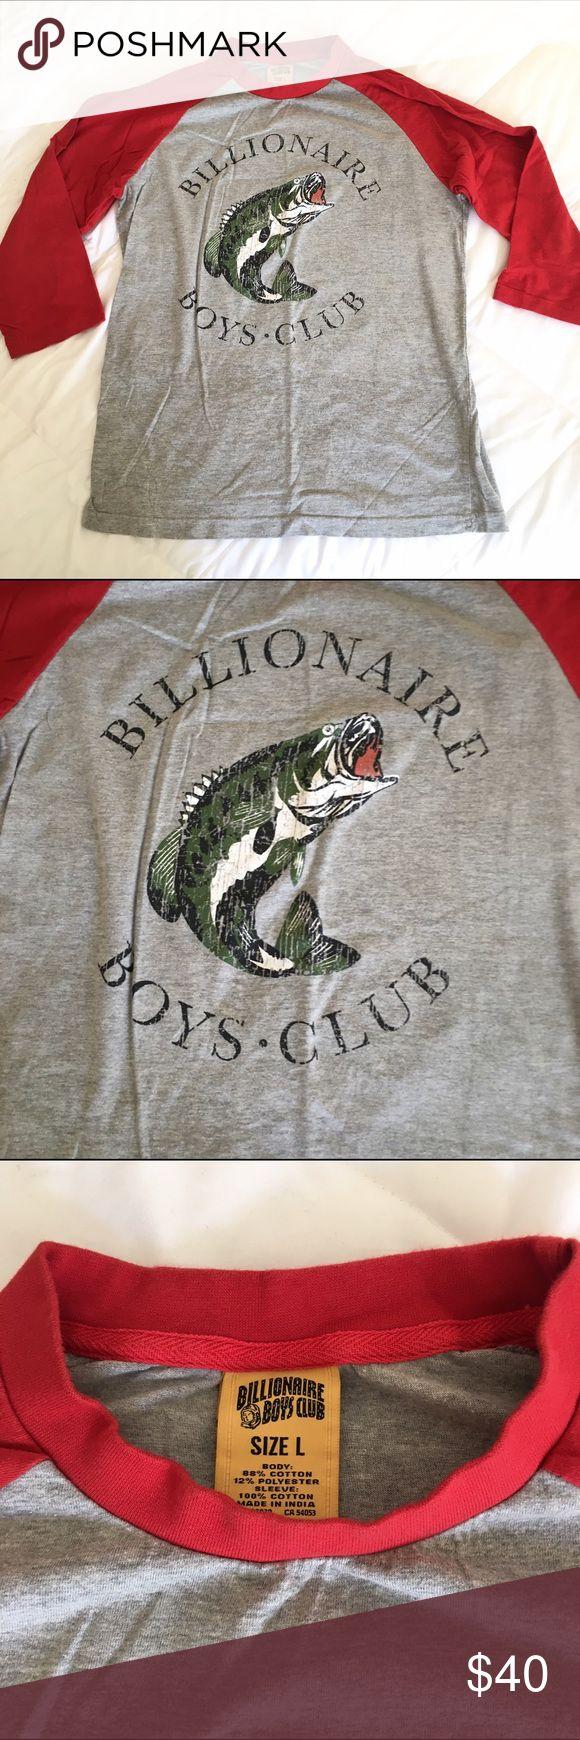 Billionaire Boys Club baseball tee Billionaire Boys Club baseball tee. Gently used. Size is a large. Open to offers! Billionaire Boys Club Shirts Tees - Long Sleeve